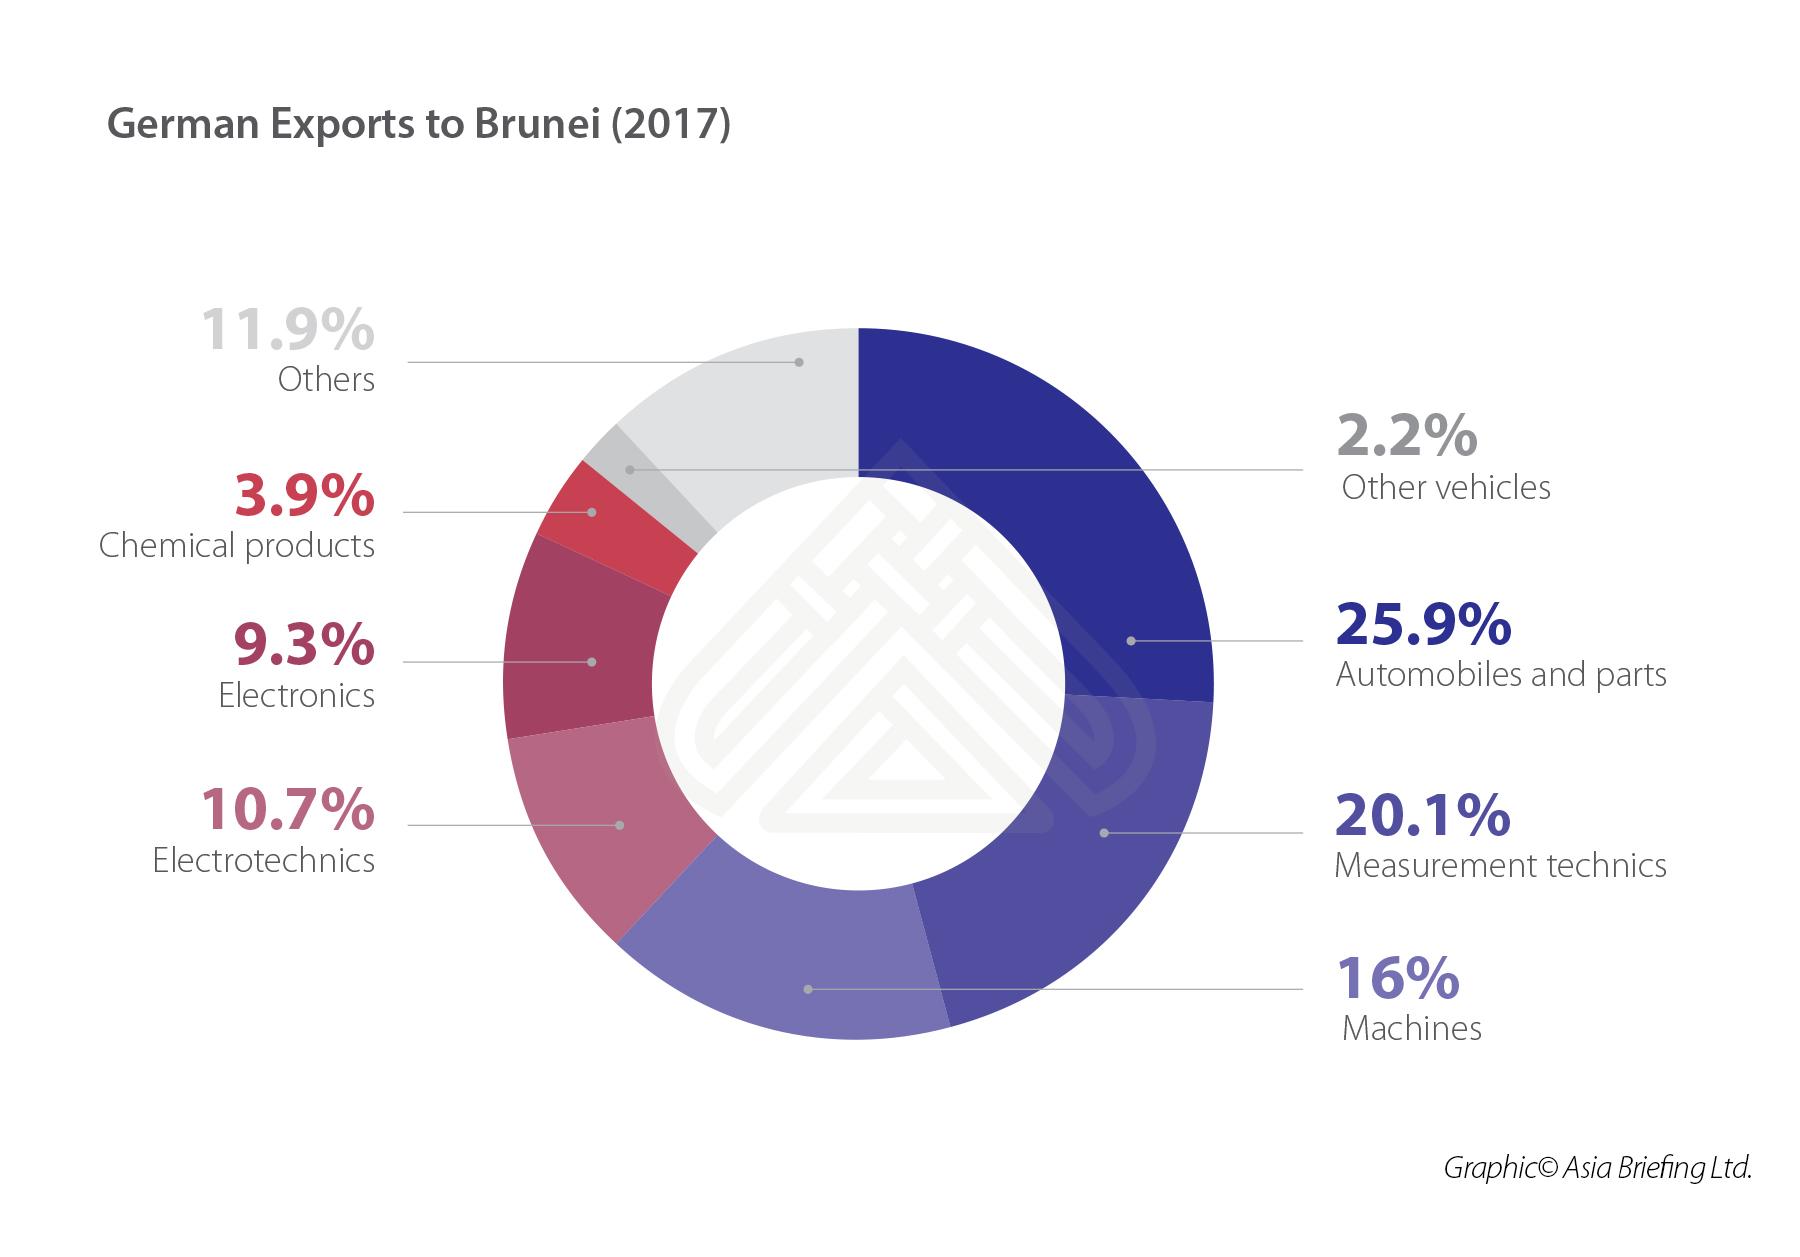 German Exports to Bruneii (2017) (002)